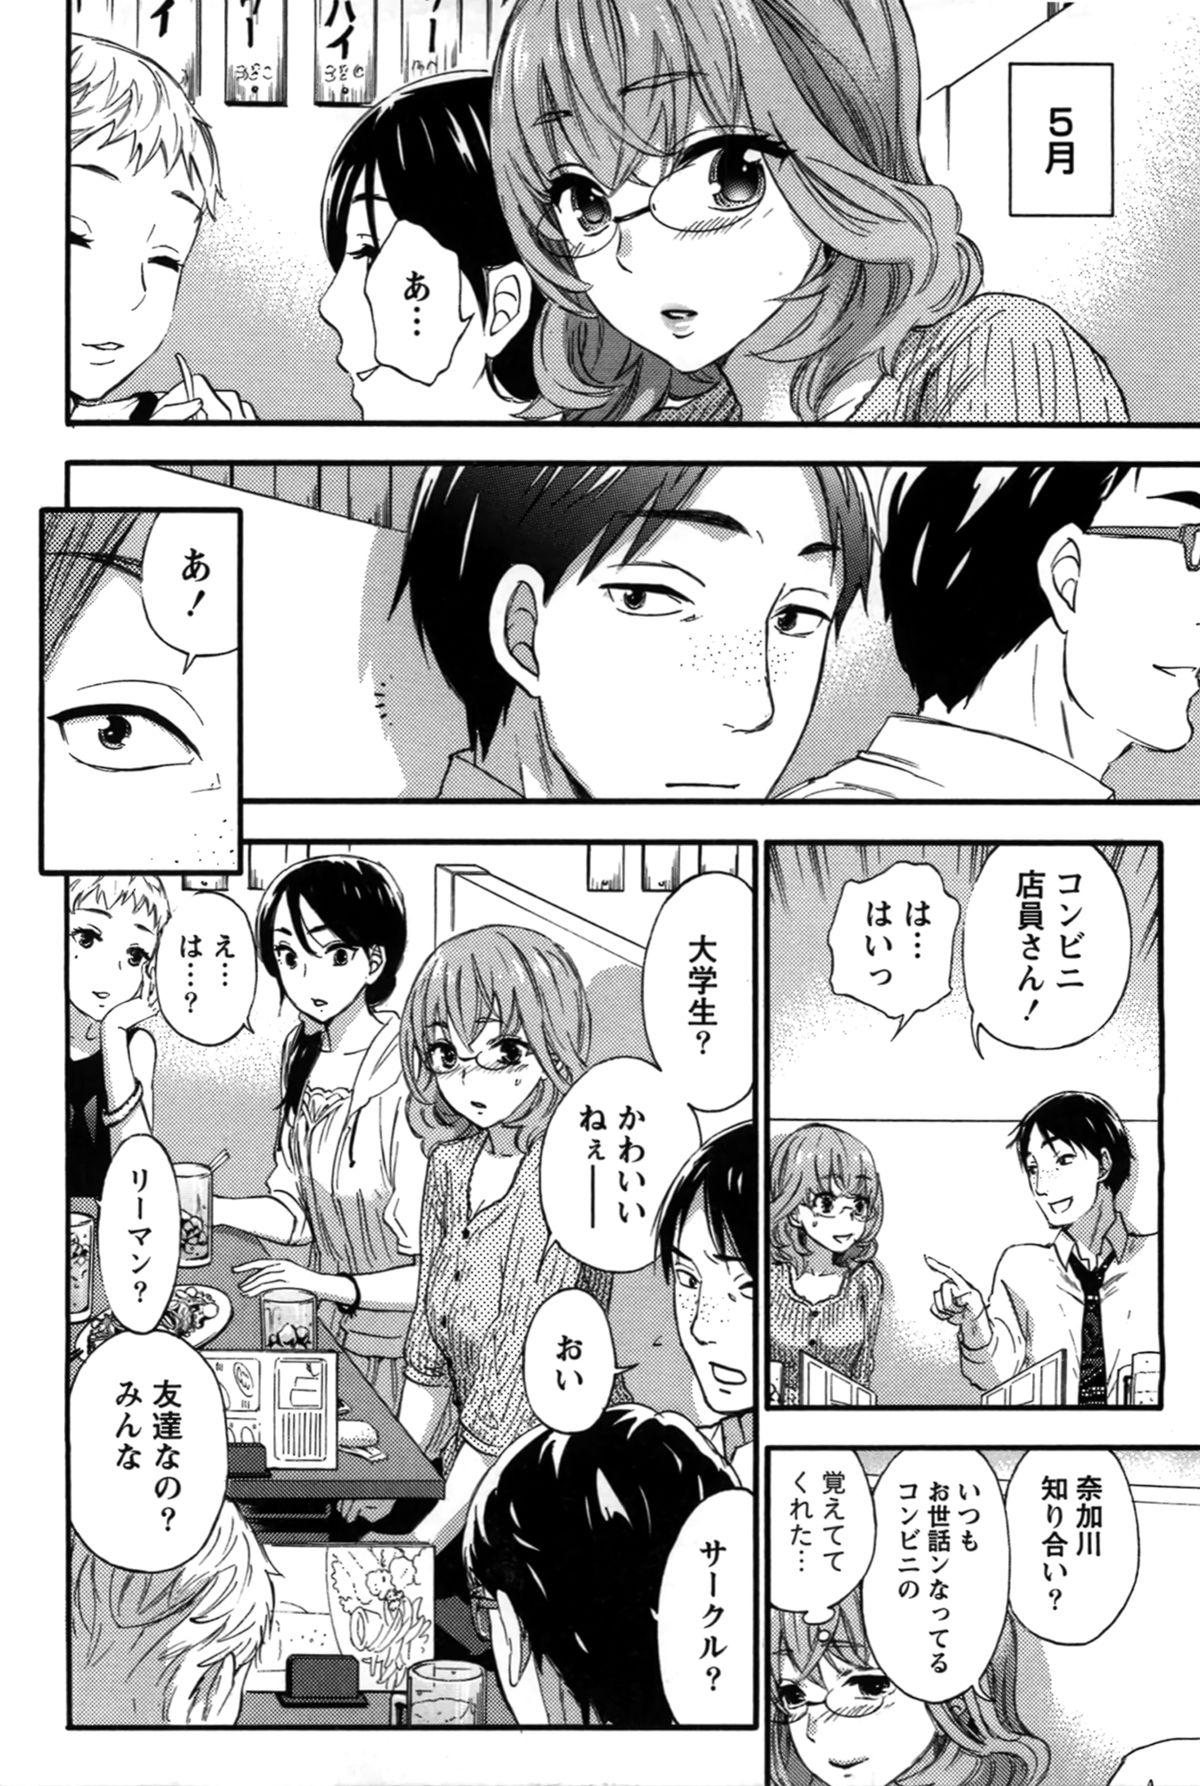 Anata to Watashi wa Warukunai 68